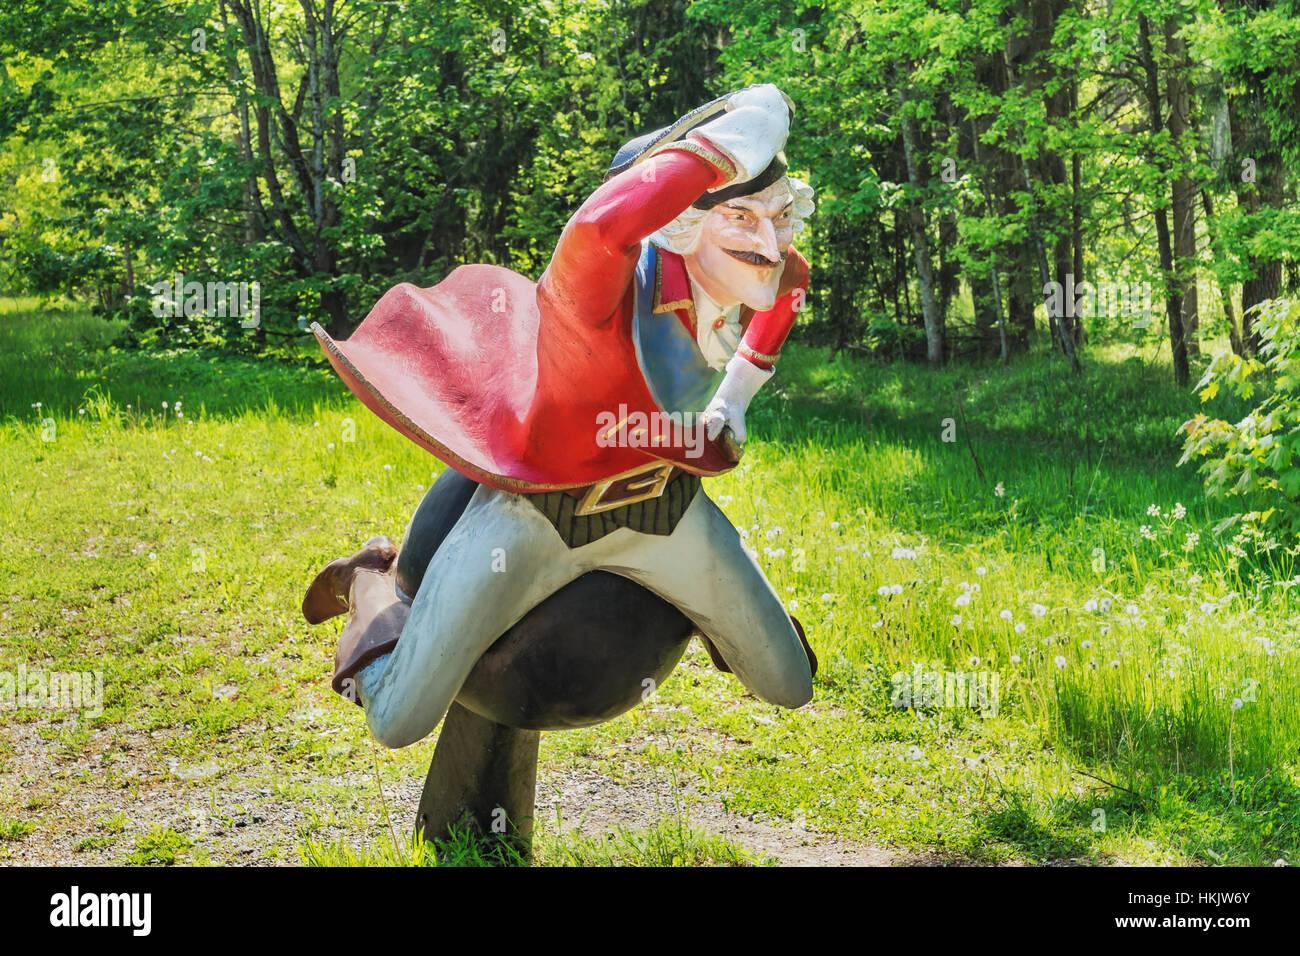 La figura del Barón de Munchausen está ubicado en Dunte, municipio Liepupe, Vidzeme (Livonia), Letonia, Países Bálticos, Europa Foto de stock